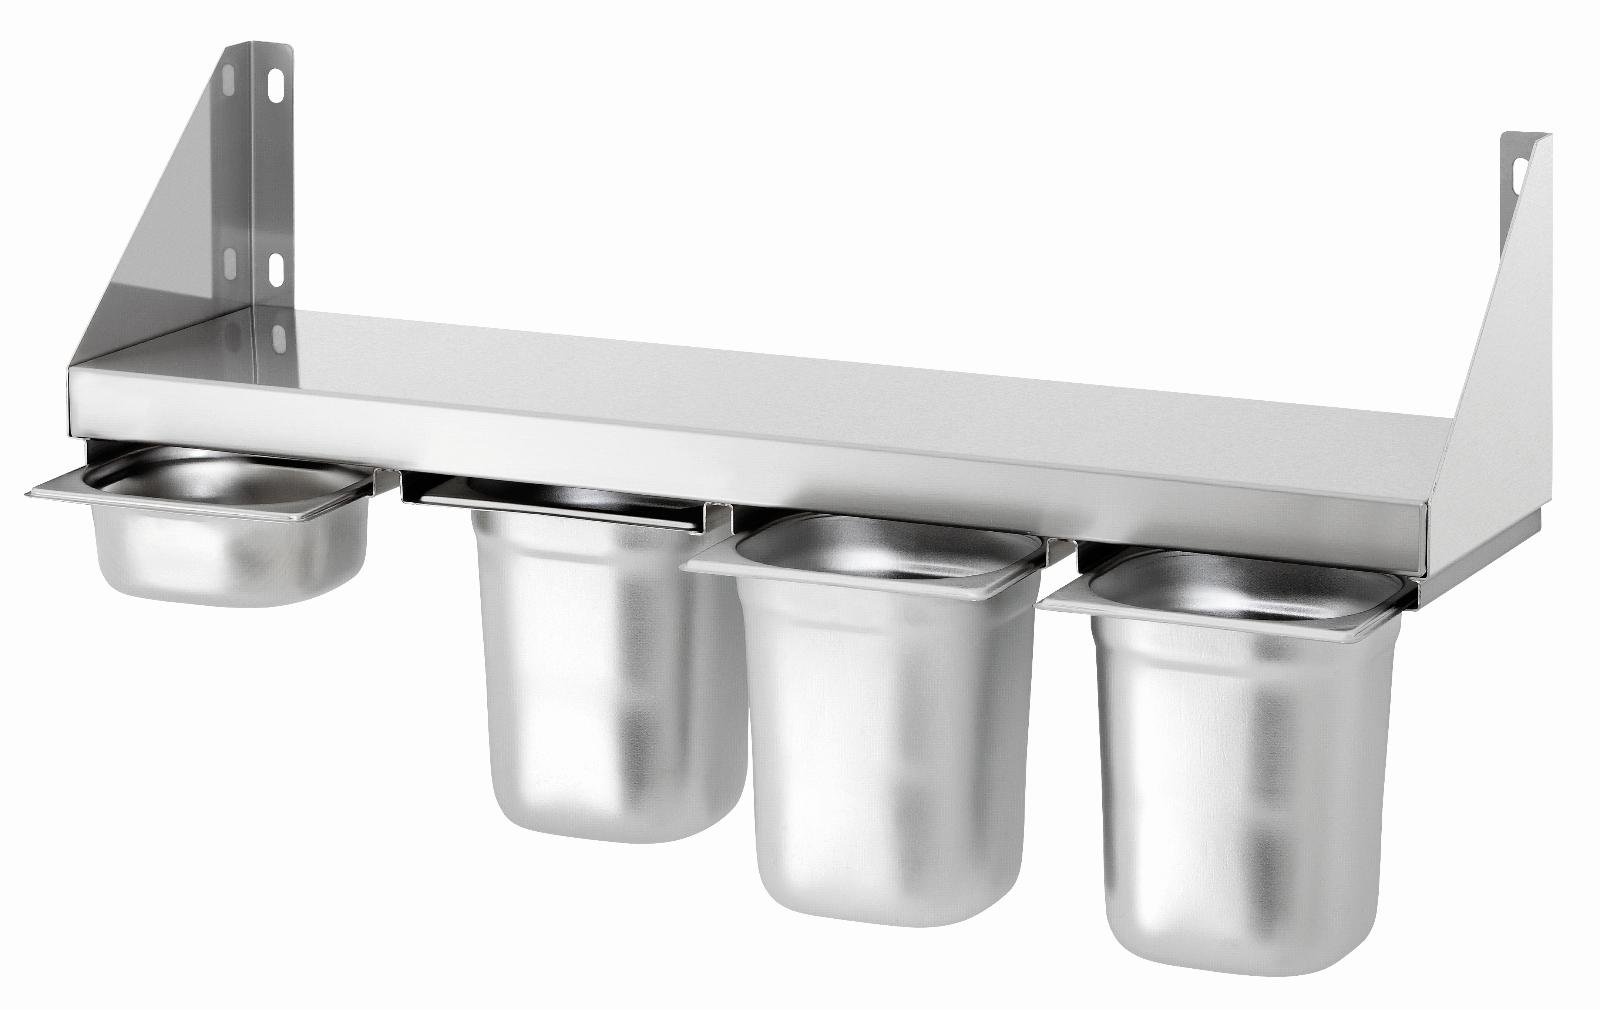 Bartscher Gewürzbord mit 4 Behälter,Edelstahlablage,Gatronomiebord,Küchenablage Behälter,Edelstahlablage,Gatronomiebord,Küchenablage Behälter,Edelstahlablage,Gatronomiebord,Küchenablage e2325f